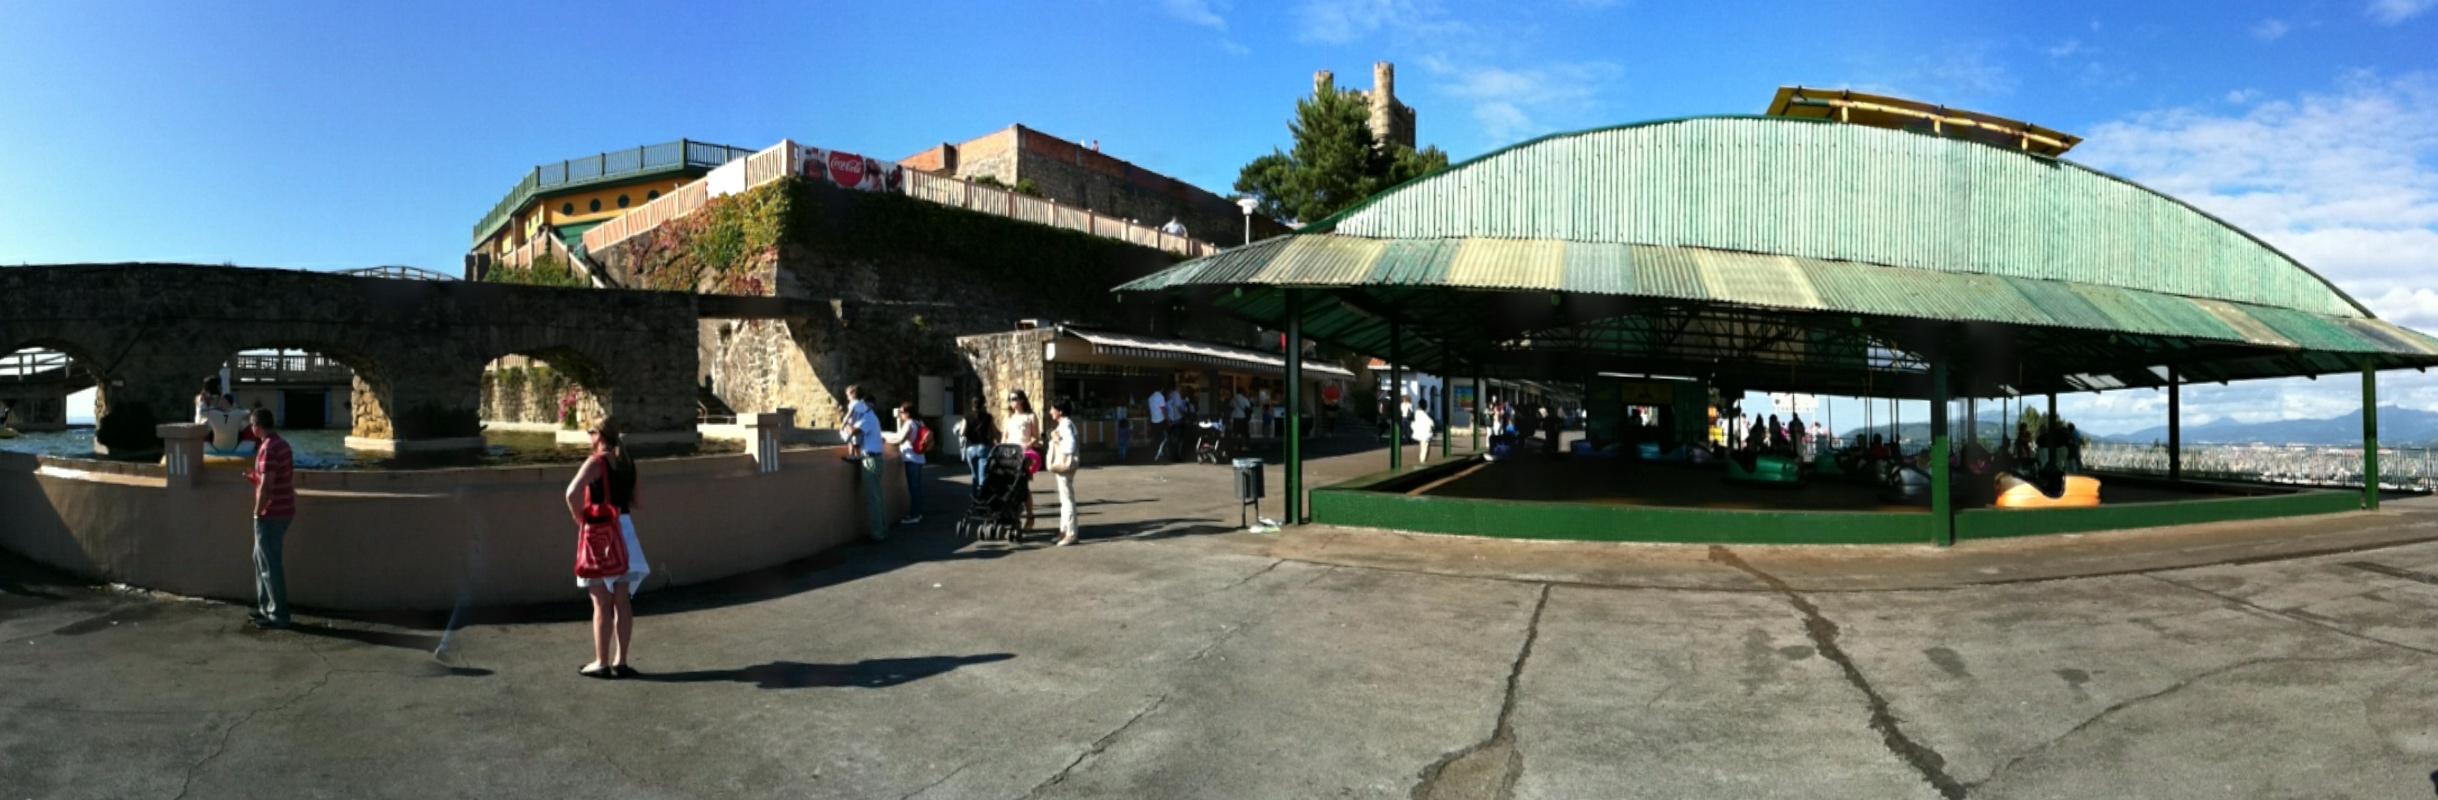 100 años del parque de atracciones del Monte Igueldo